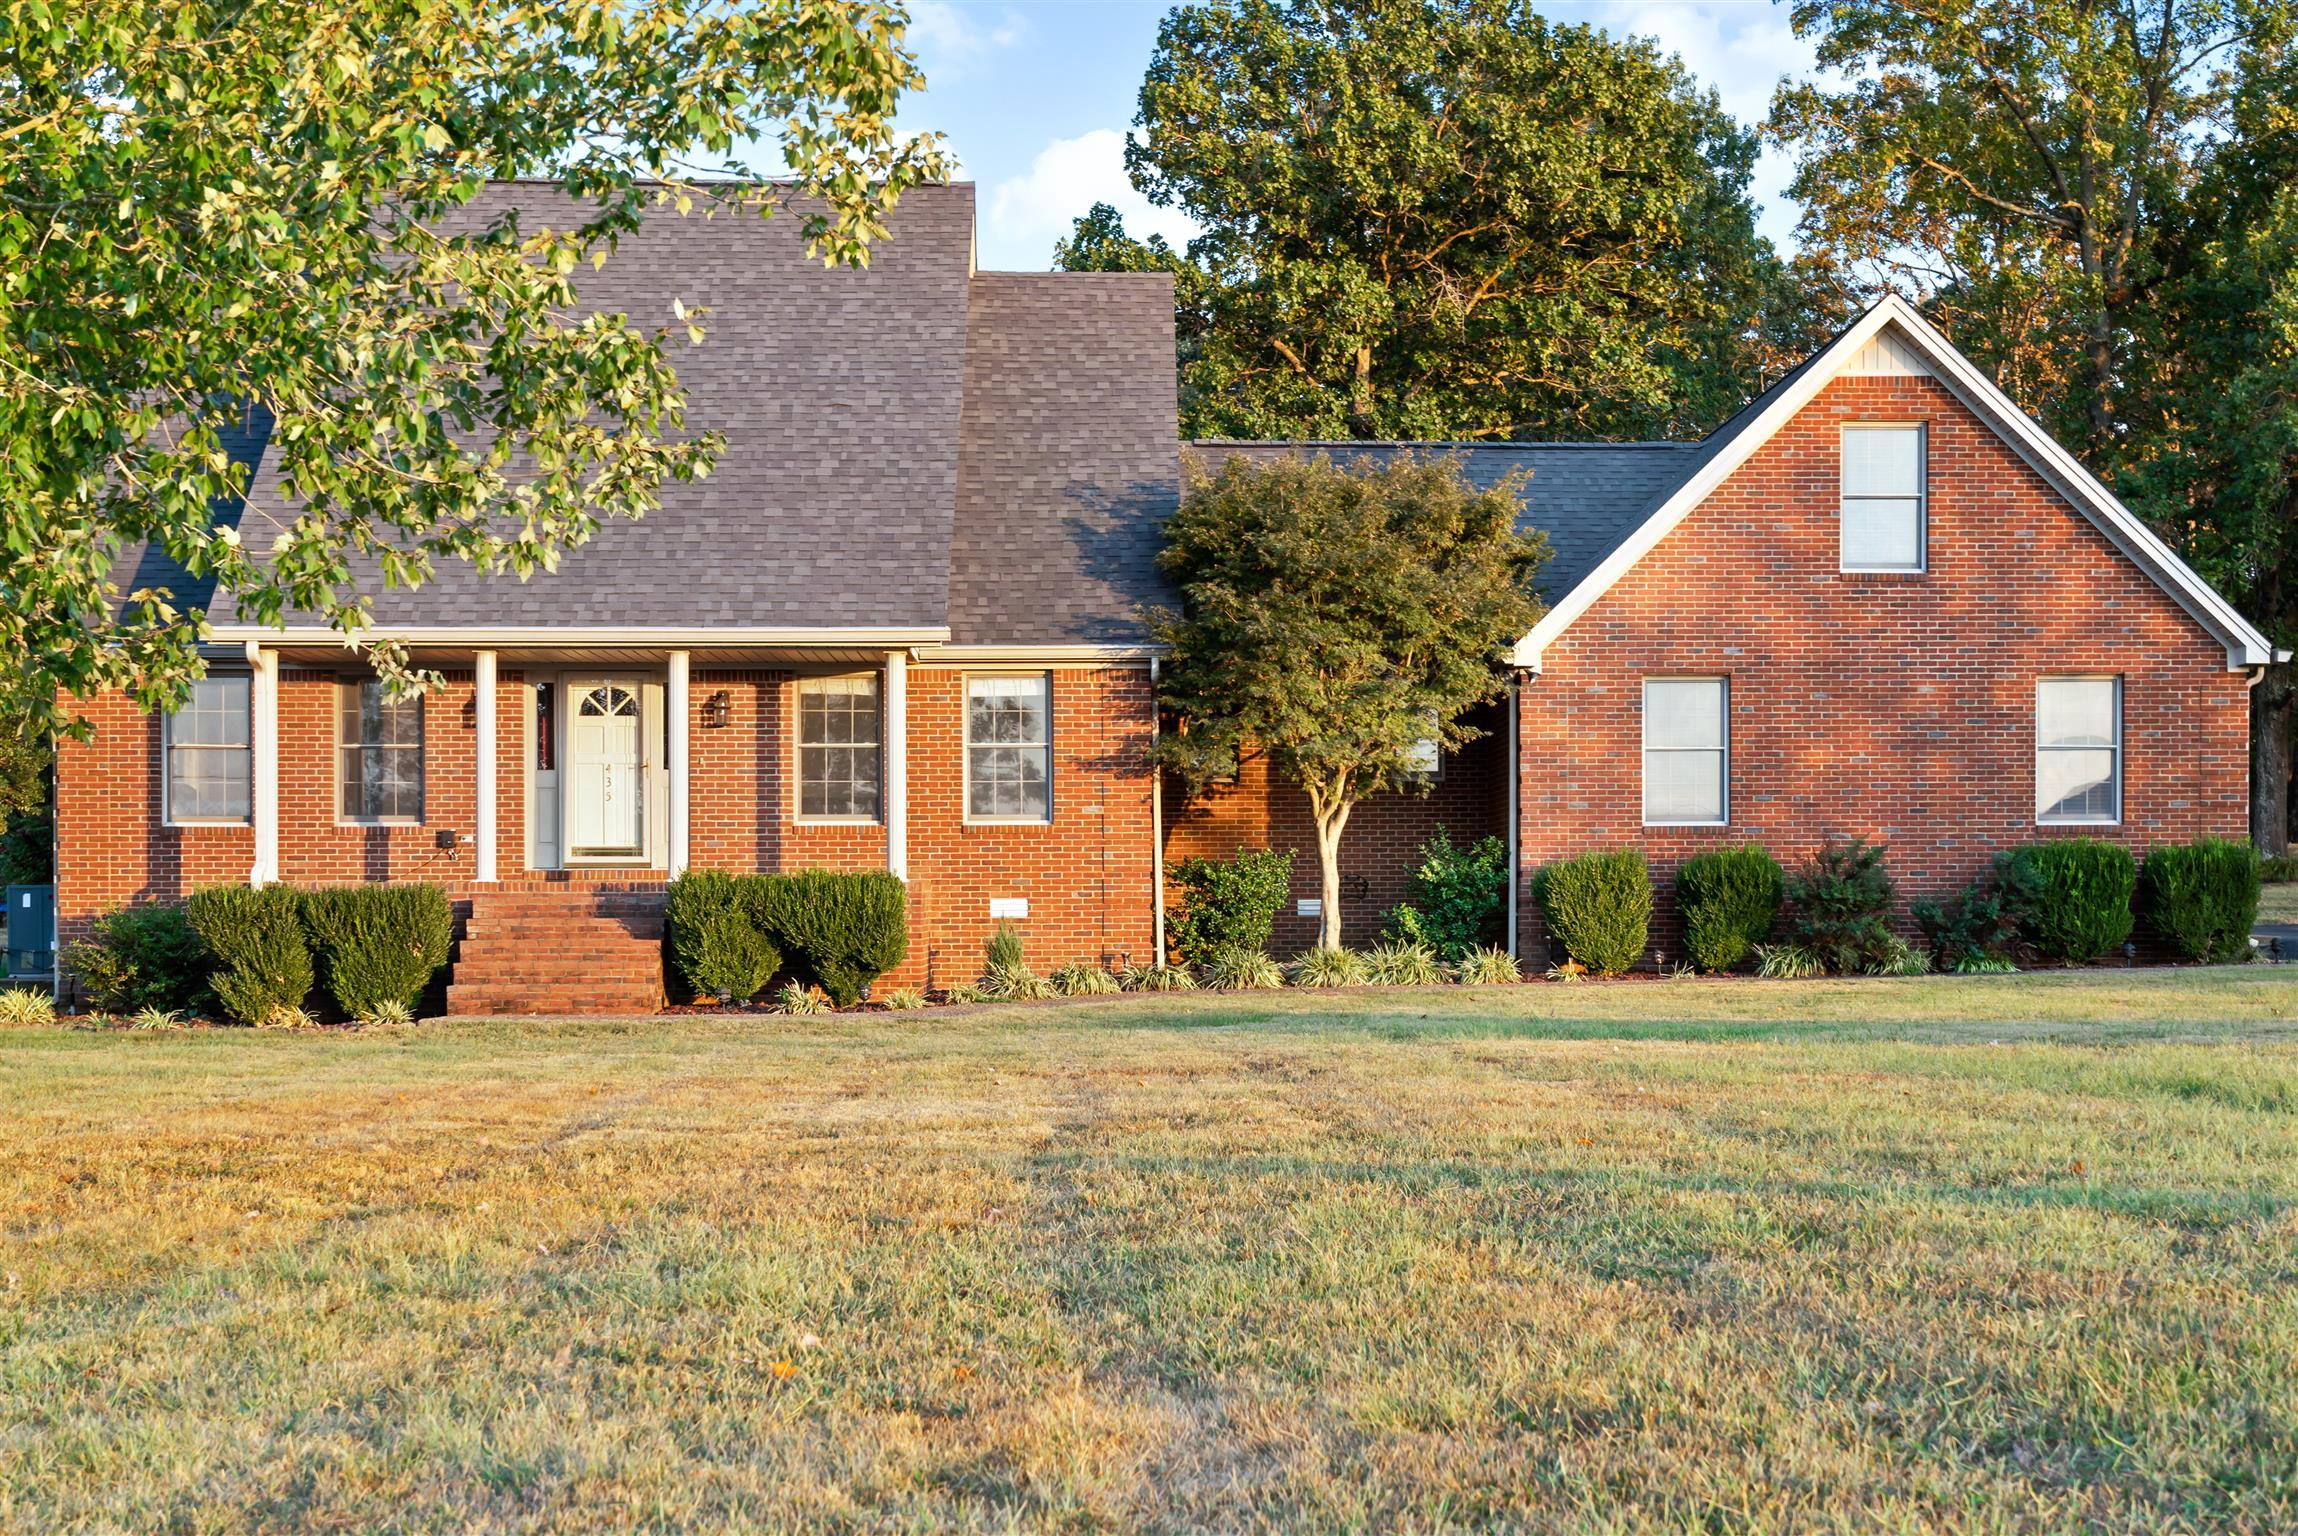 435 Everett Ln, Hopkinsville, KY 42240 - Hopkinsville, KY real estate listing